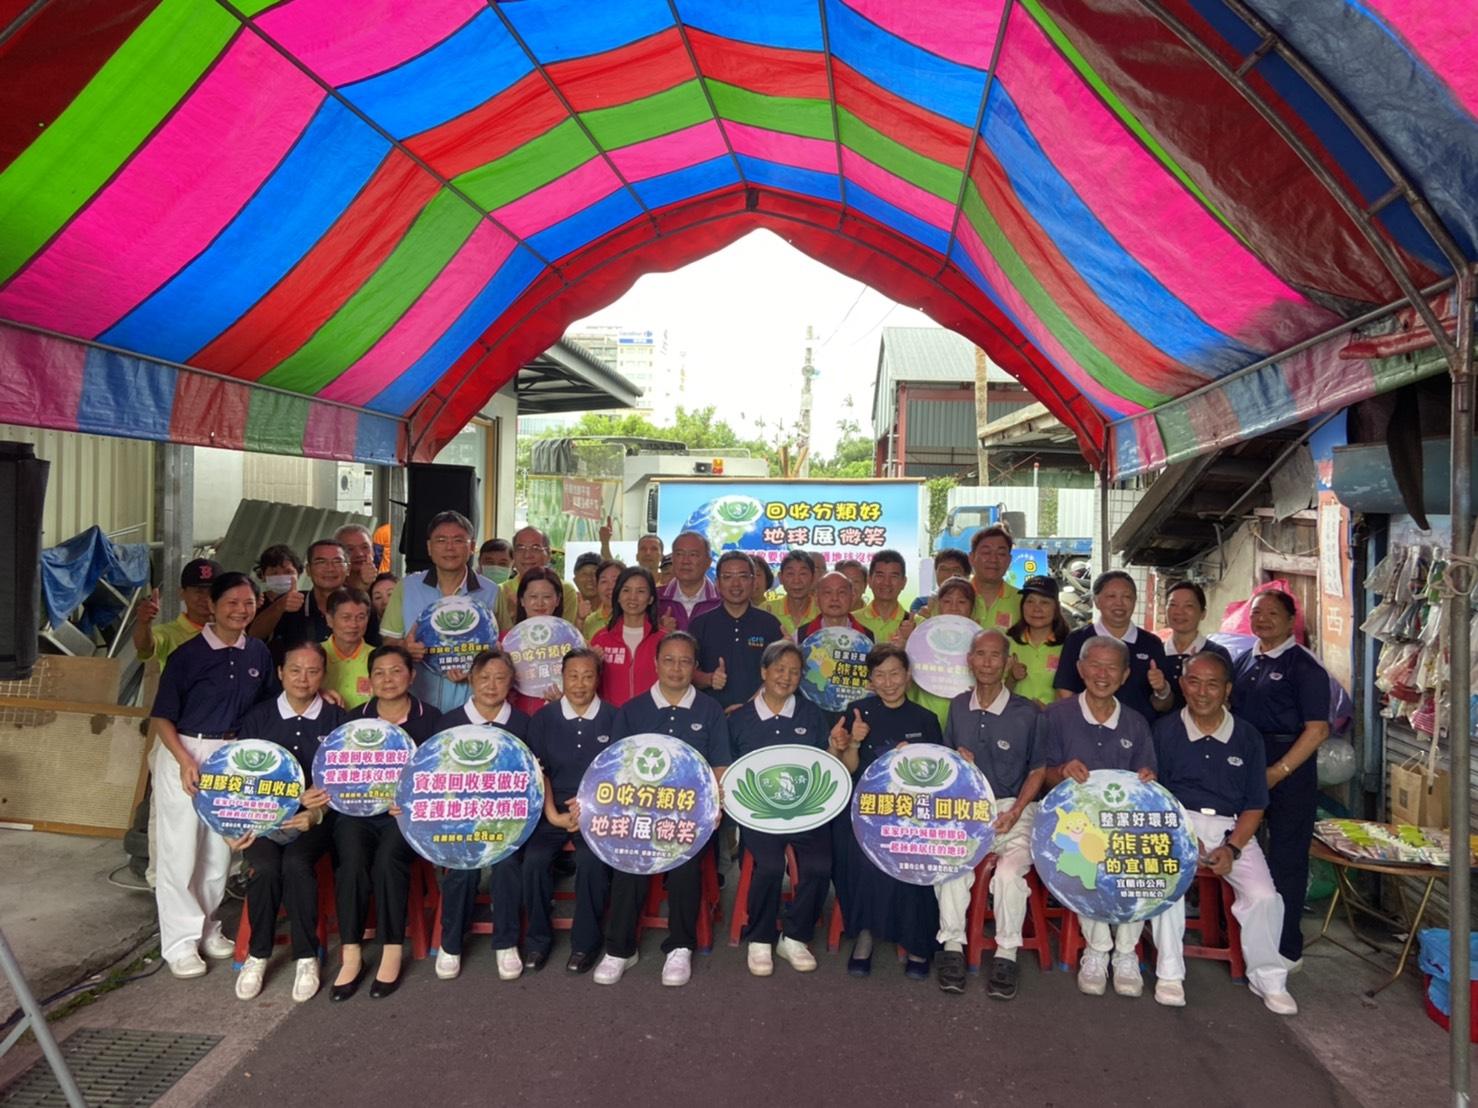 環保愛地球,人人有責,宜蘭市長江聰淵鼓勵大家做好分類回收,少用塑膠袋。(慈濟基金會)